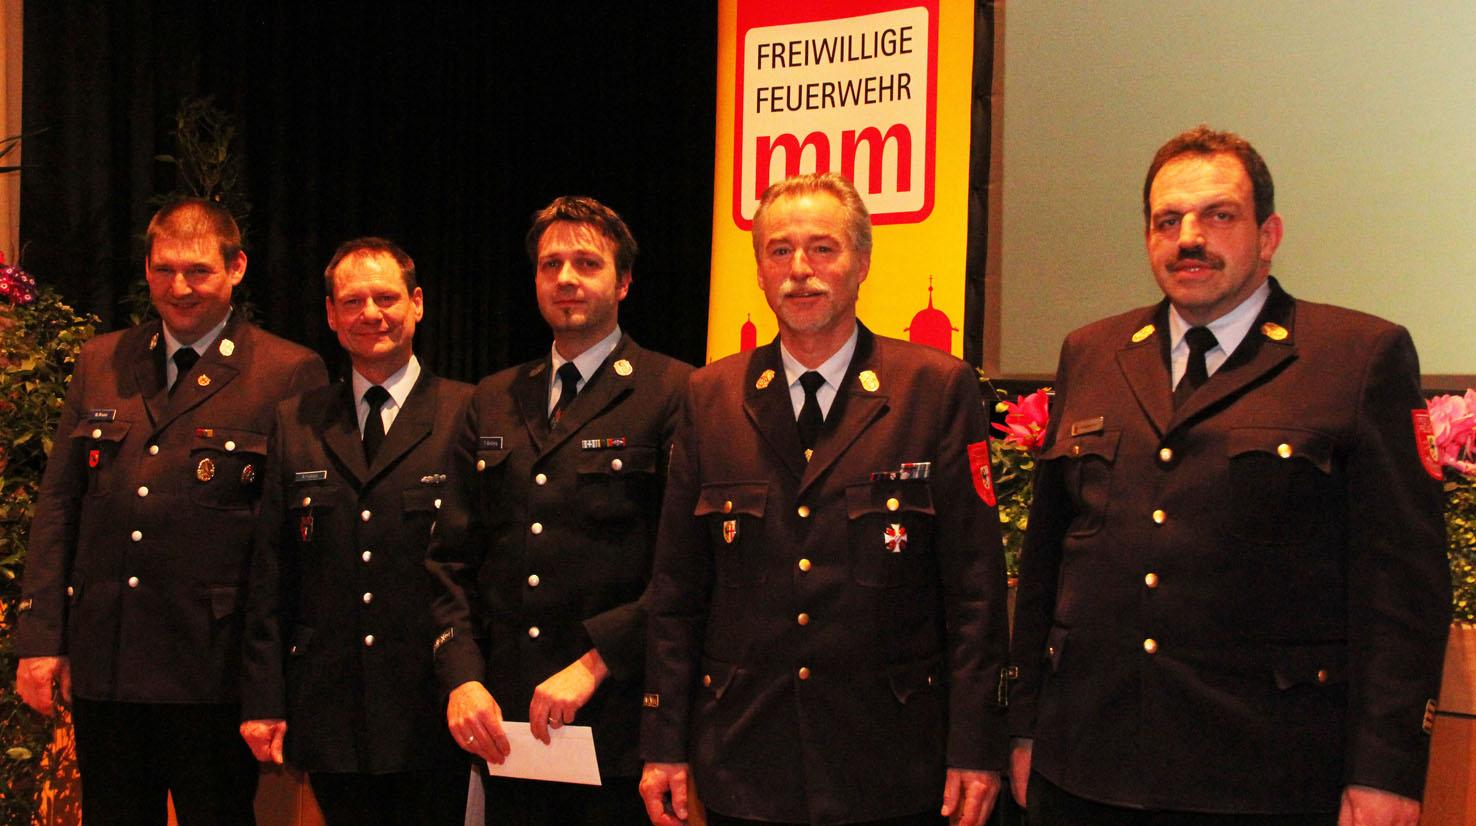 01-03-2013 Feuerwehr-Memmingen jahreshauptversammlung 2013 poeppel new-facts-eu20130301 0110